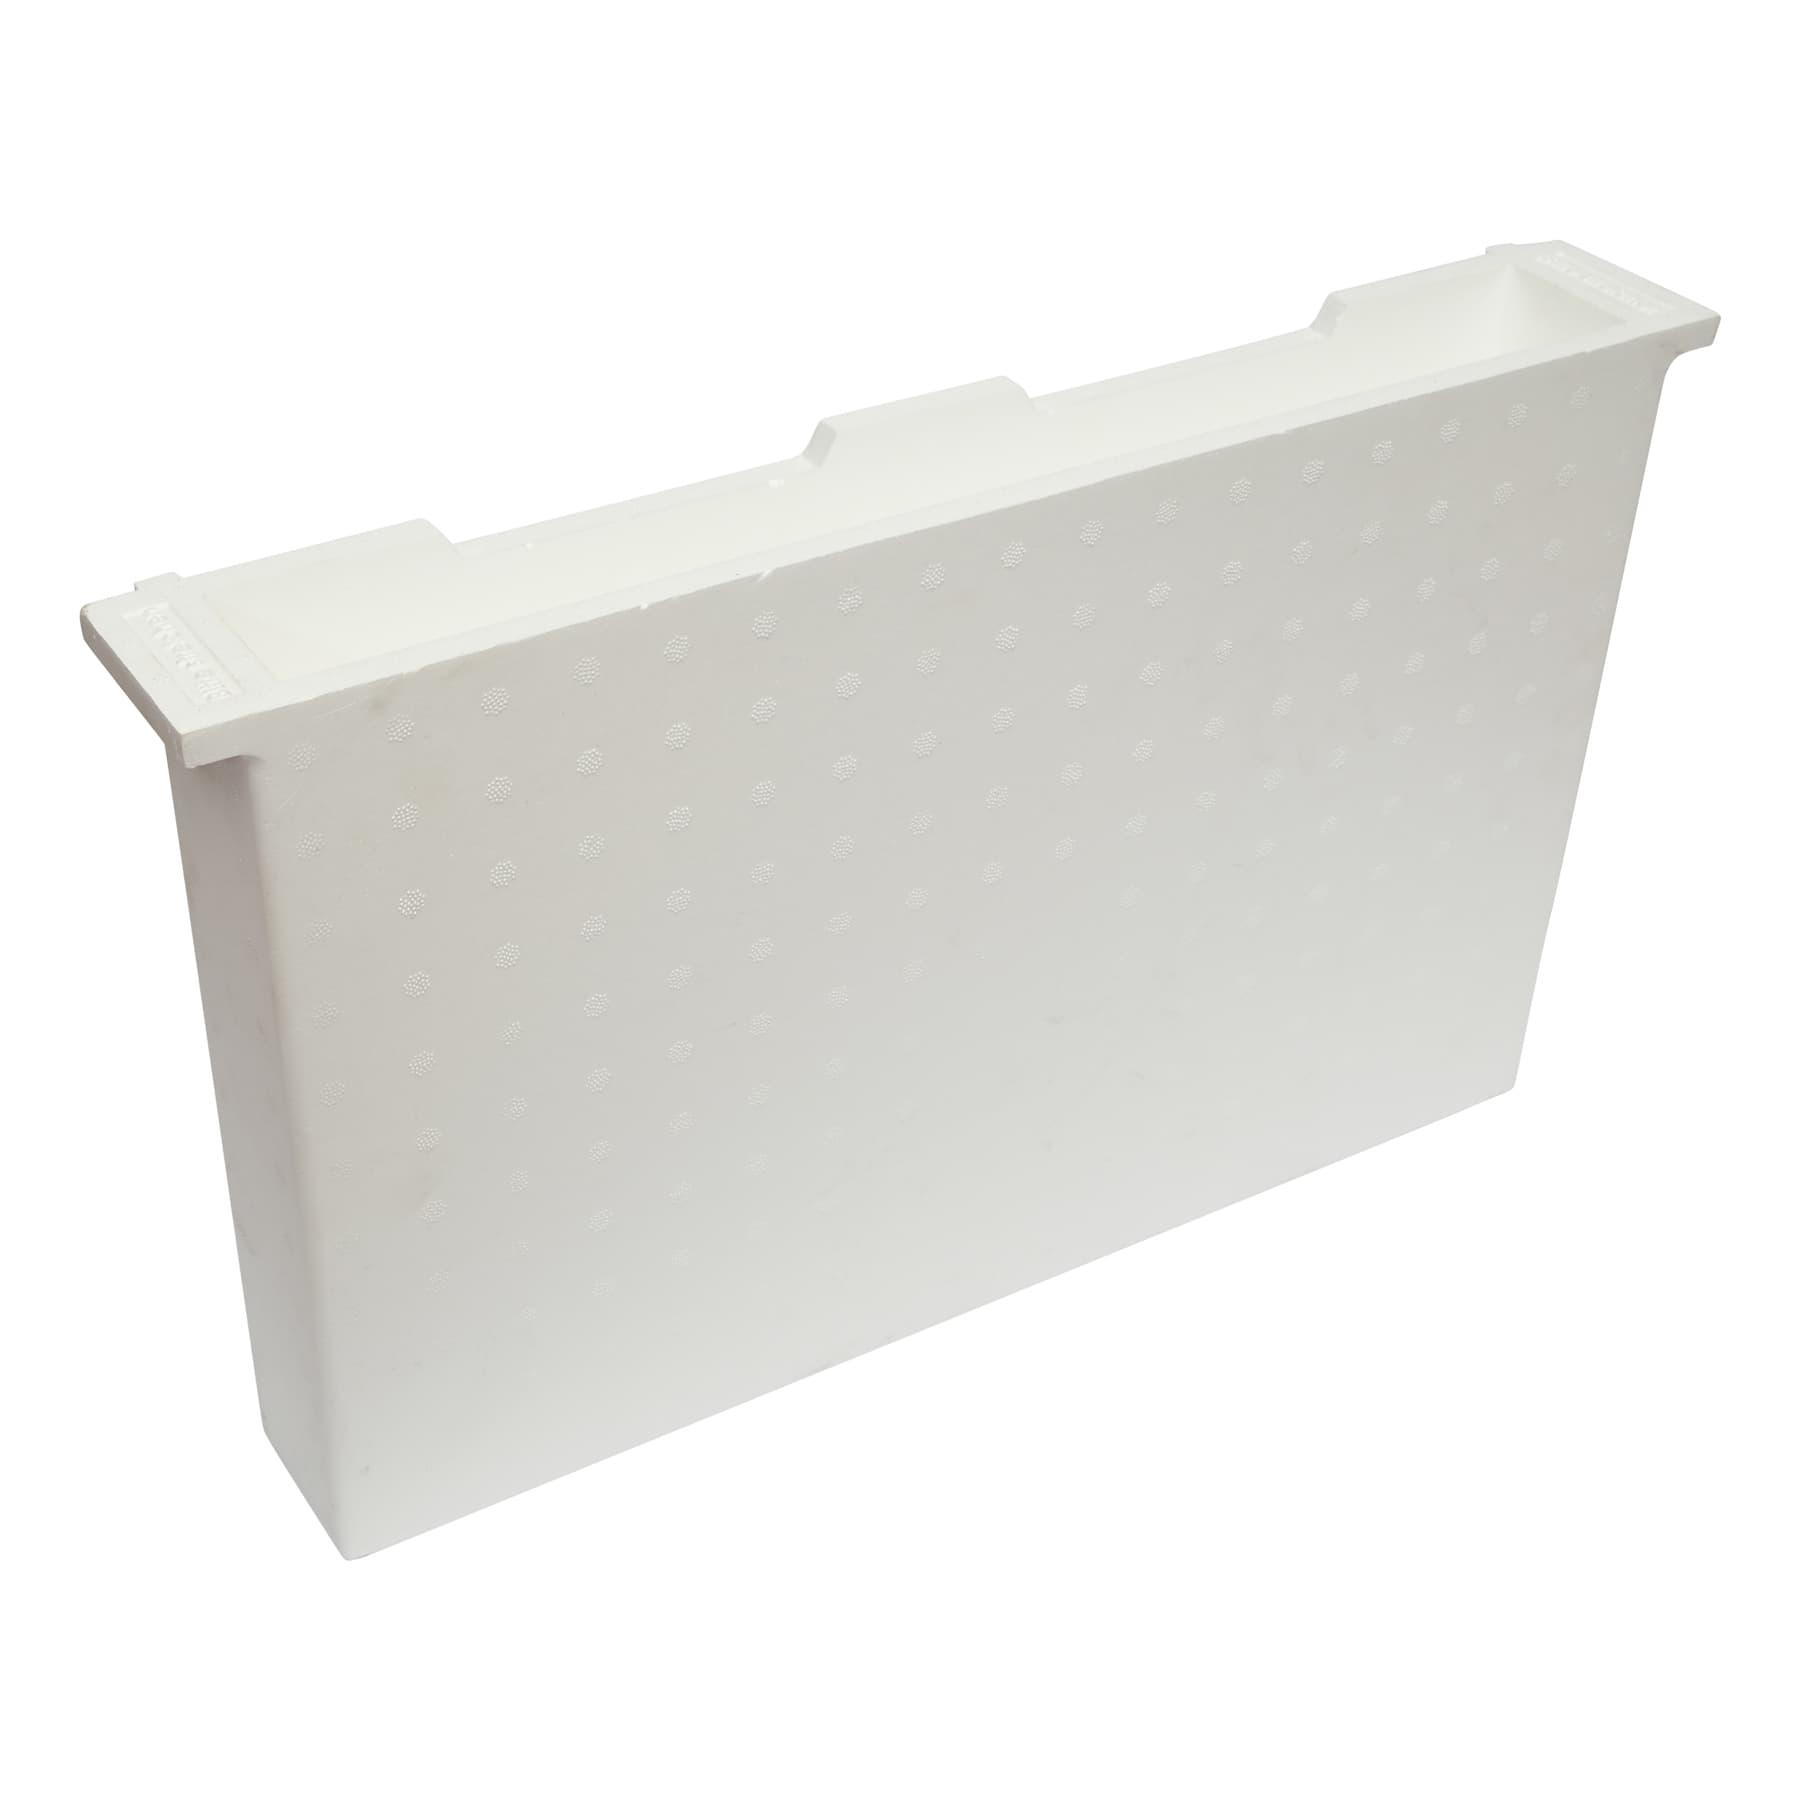 Futtertasche aus Styropor Dadant modifiziert (US) 70 mm breit (entspricht 2 Rähmchen)